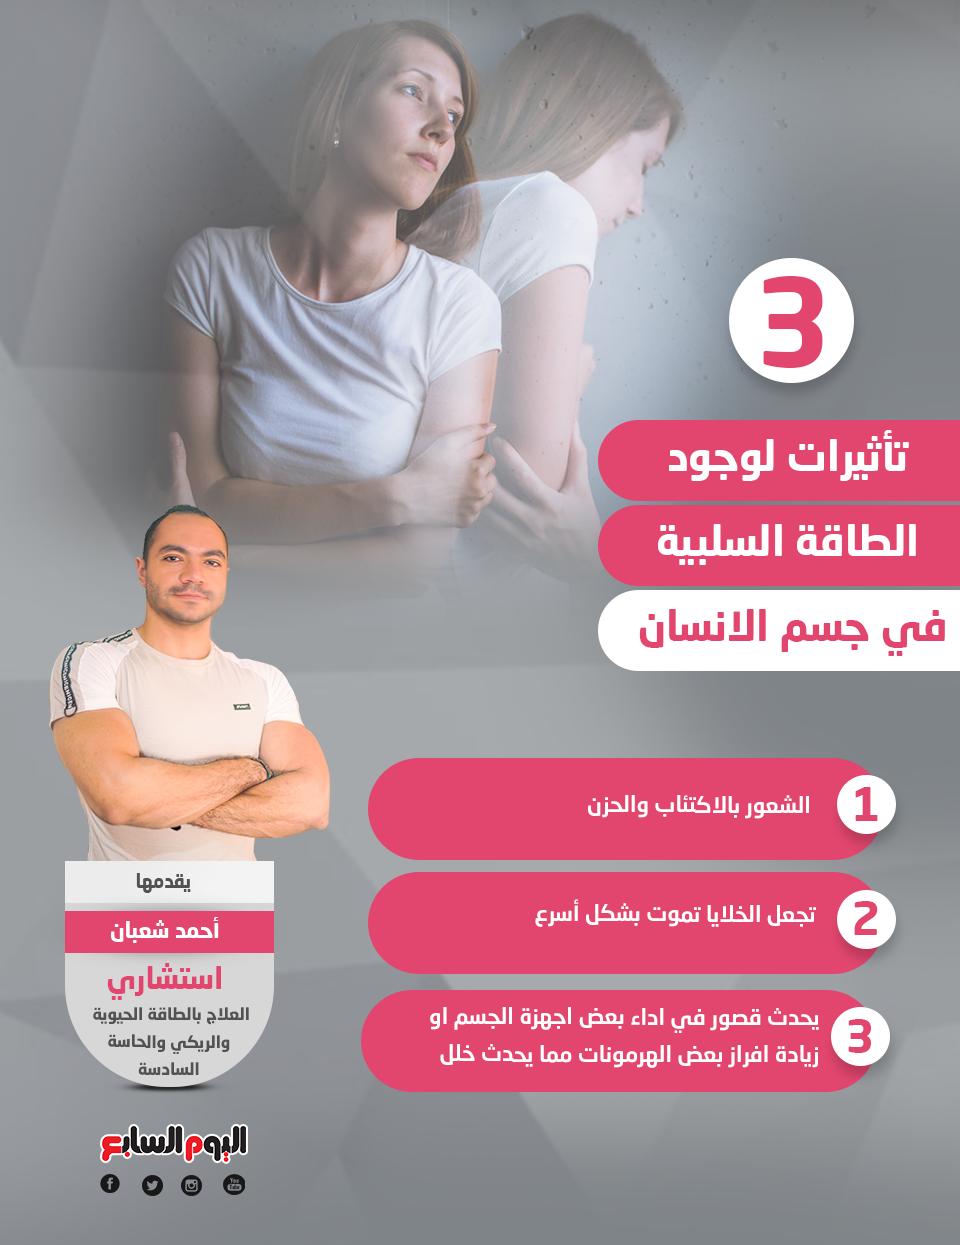 3 تأثيرات لوجود الطاقة السلبية في جسم الانسان